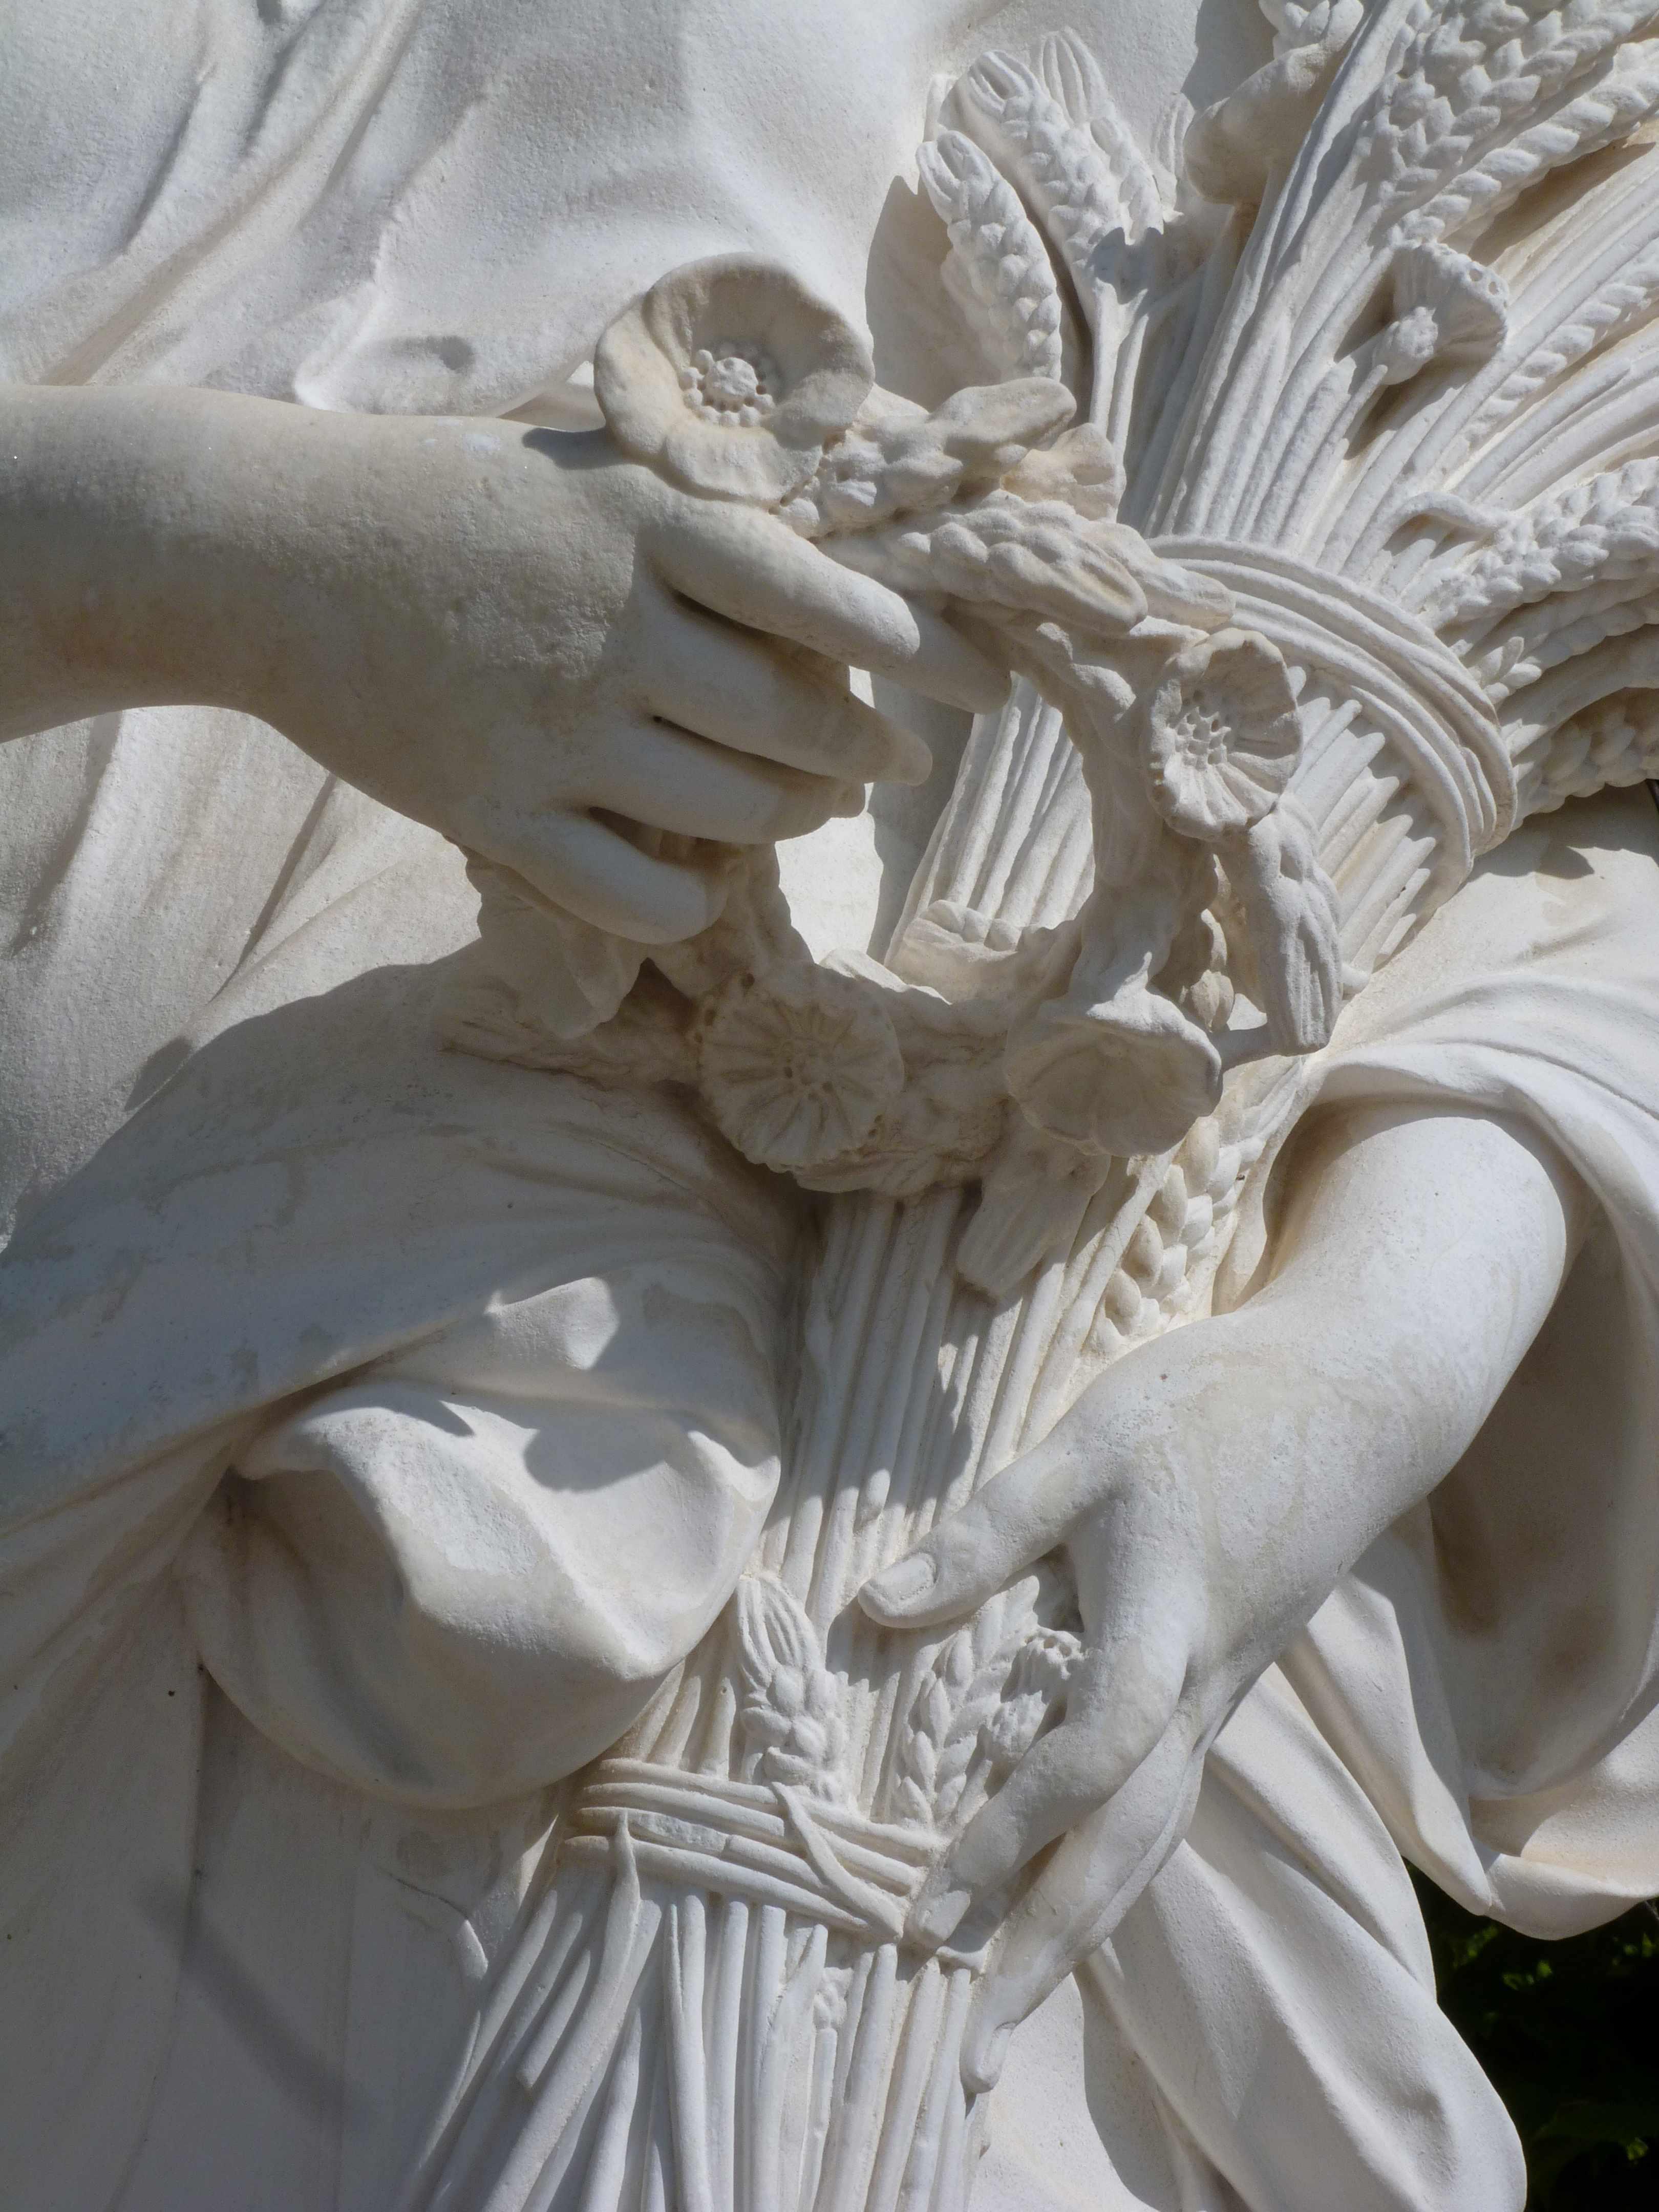 Versailles 05-2013 mains statue Ceres JB Poultier